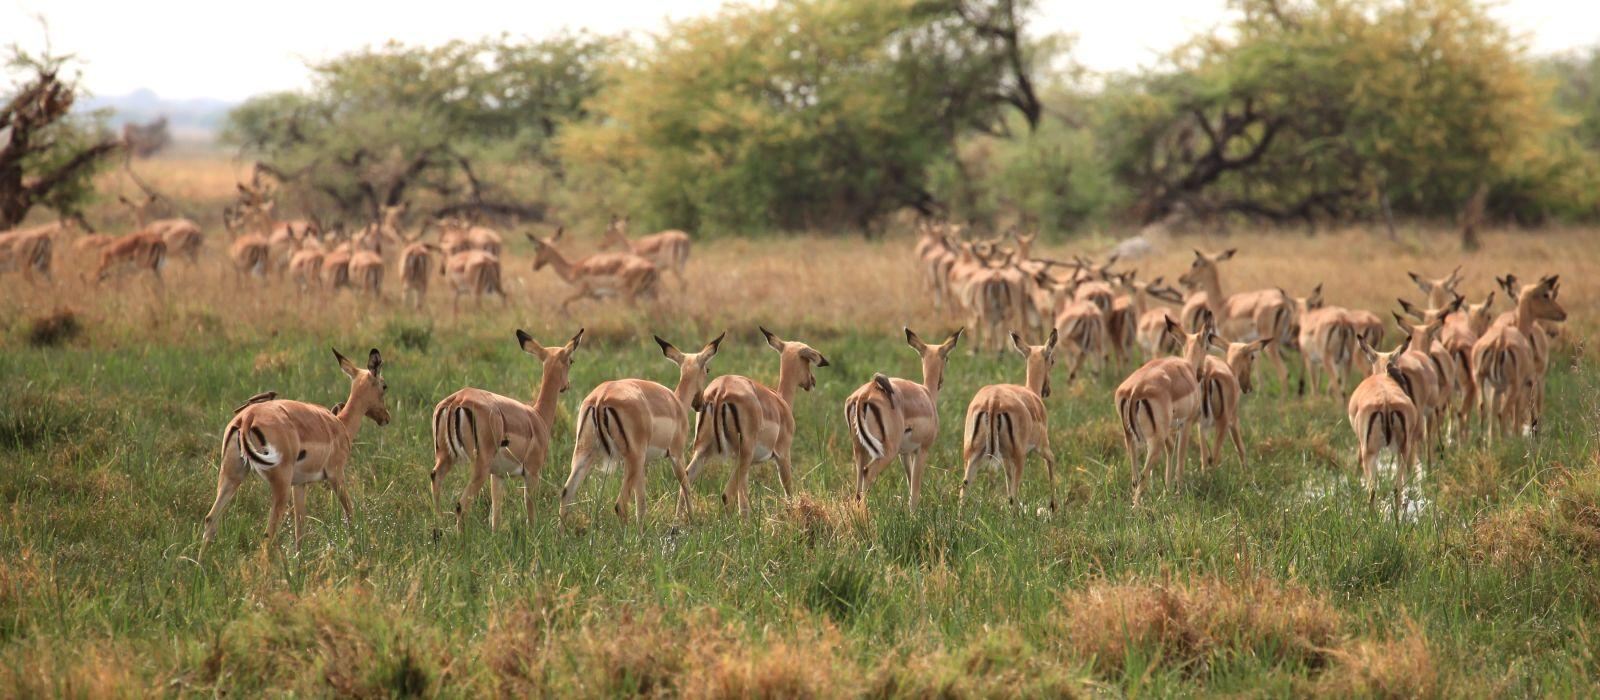 Impala Herd Botswana Okavango delta, Africa